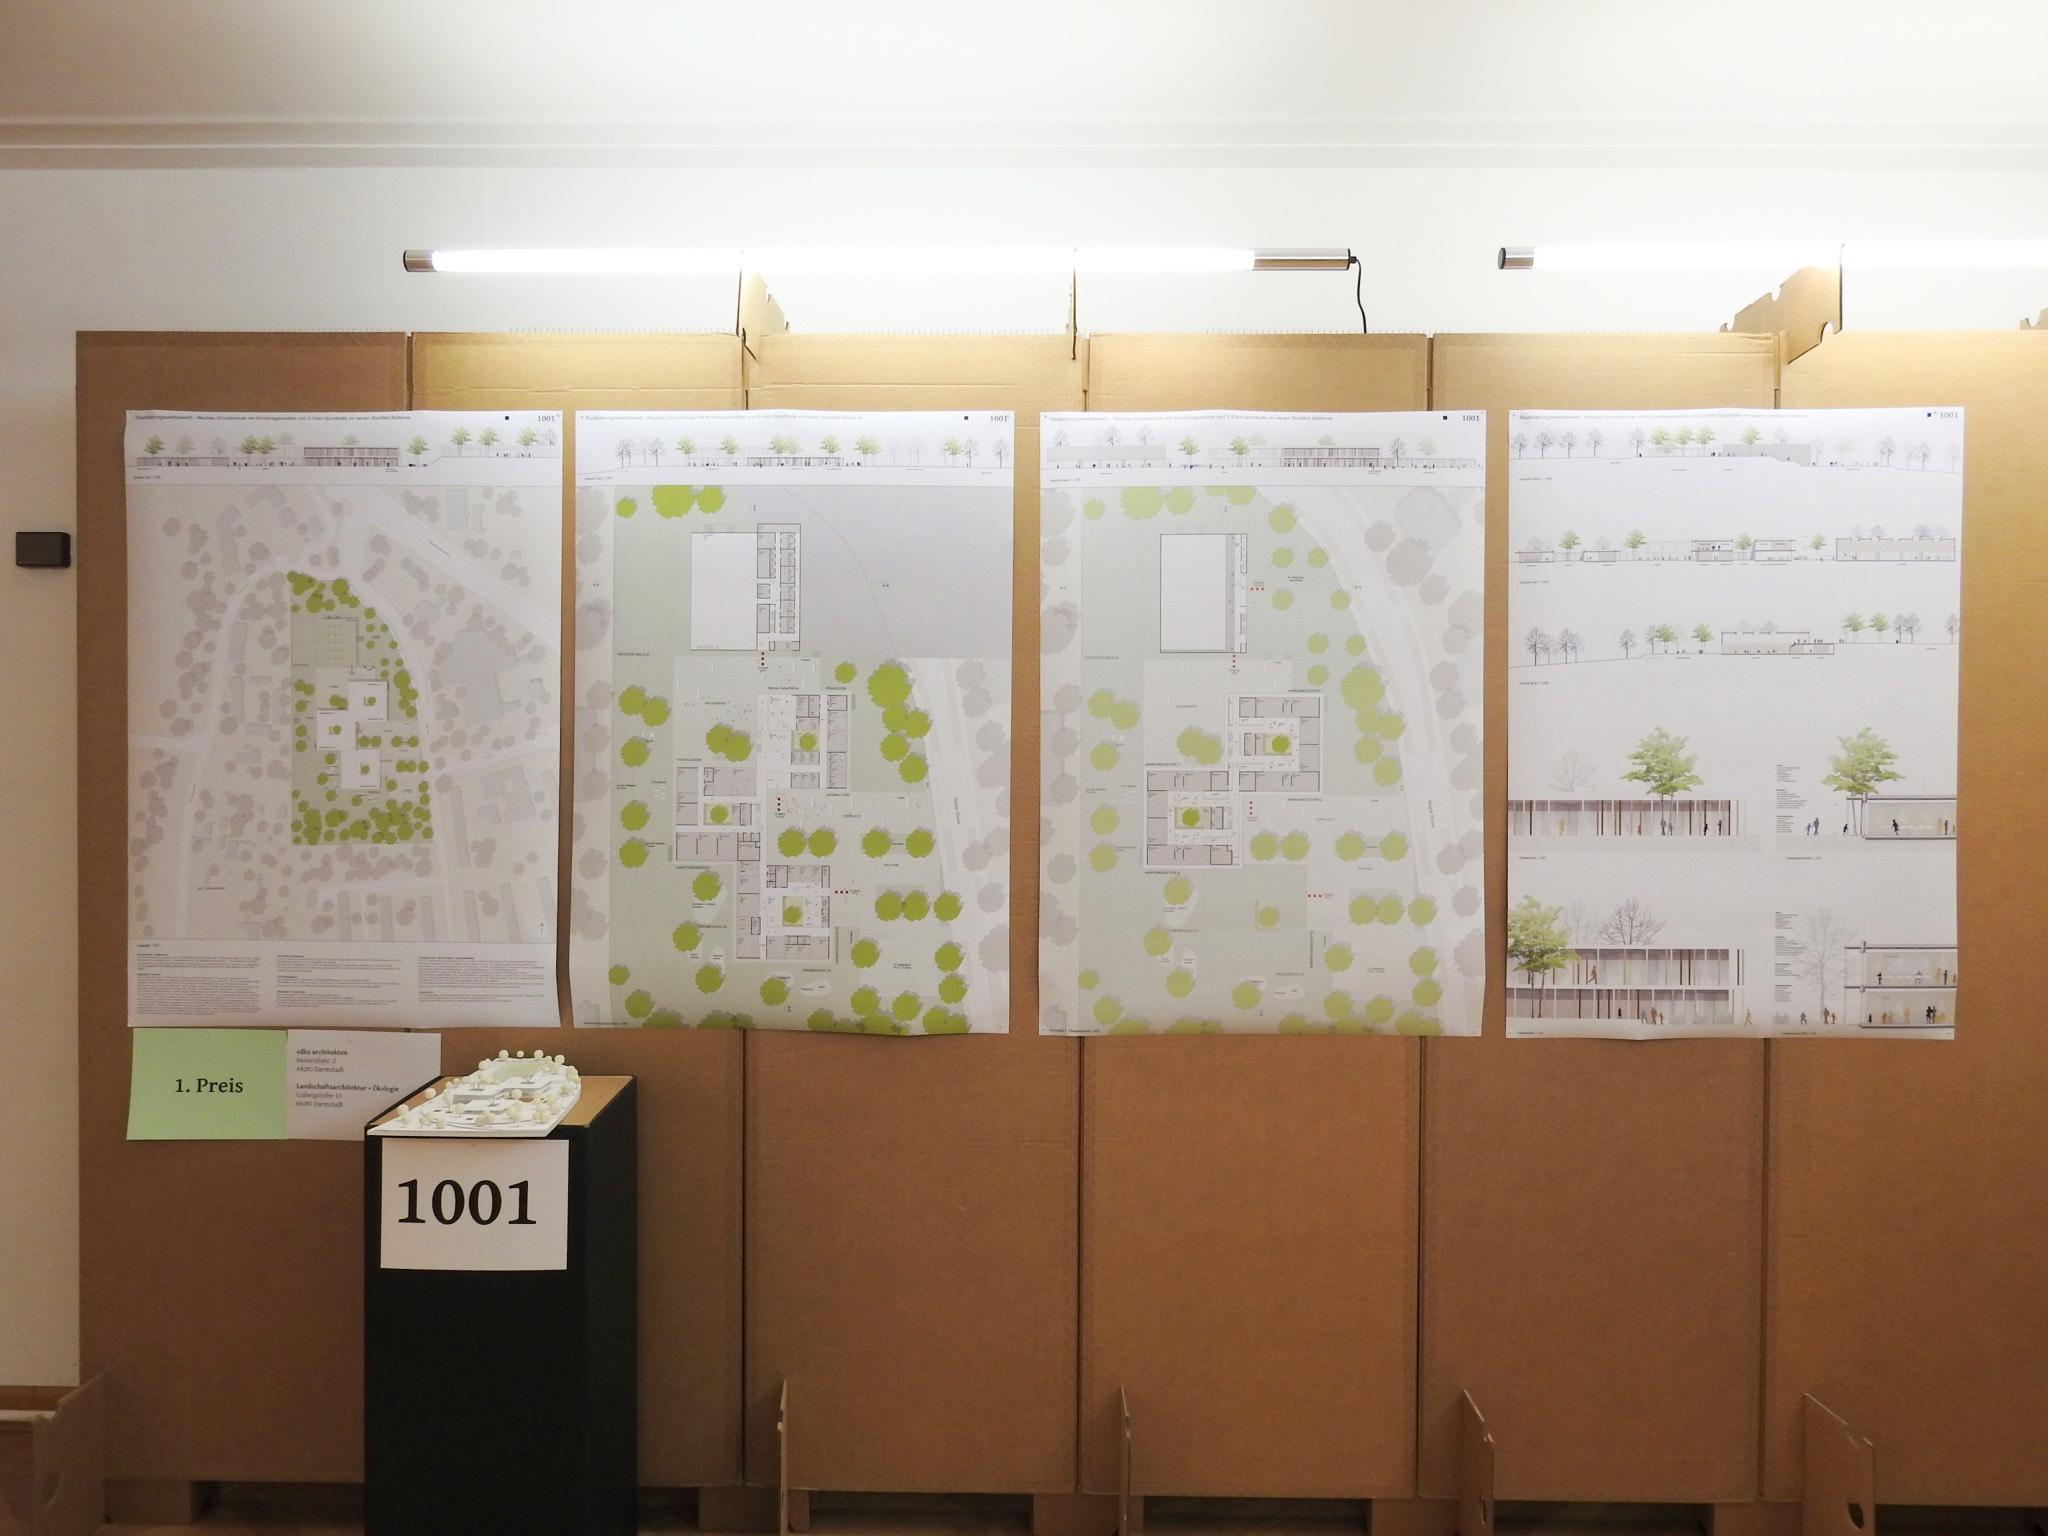 Gewinnerentwurf von SDKS Architekten aus Darmstadt. Foto: Dirk Flieger